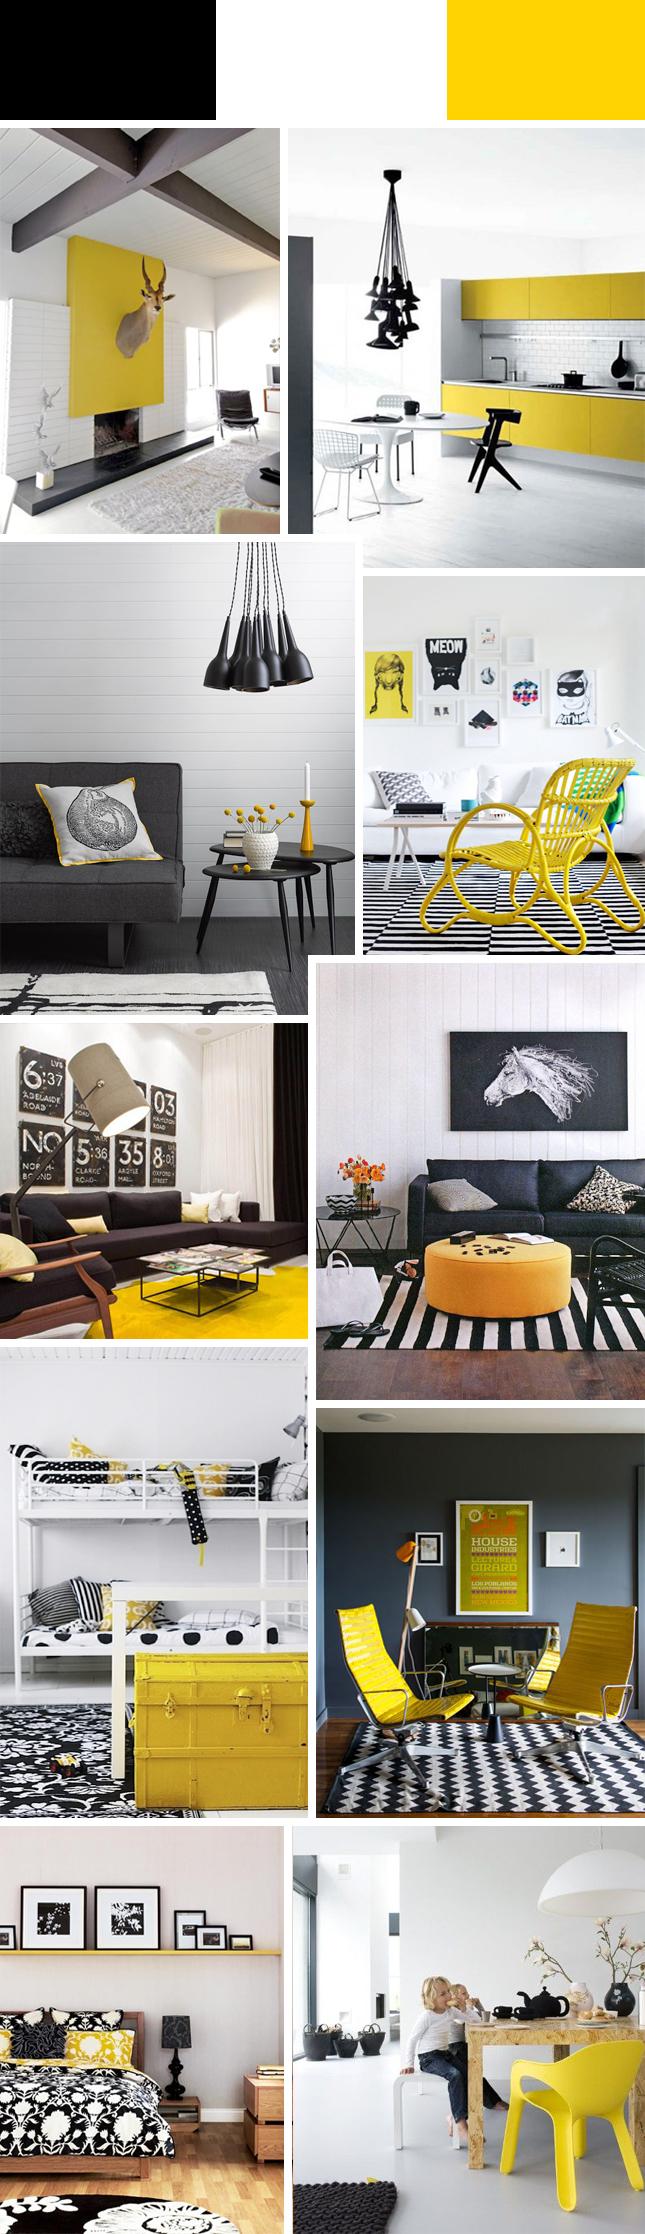 decoradornet-preto-branco-e-amarelo-01